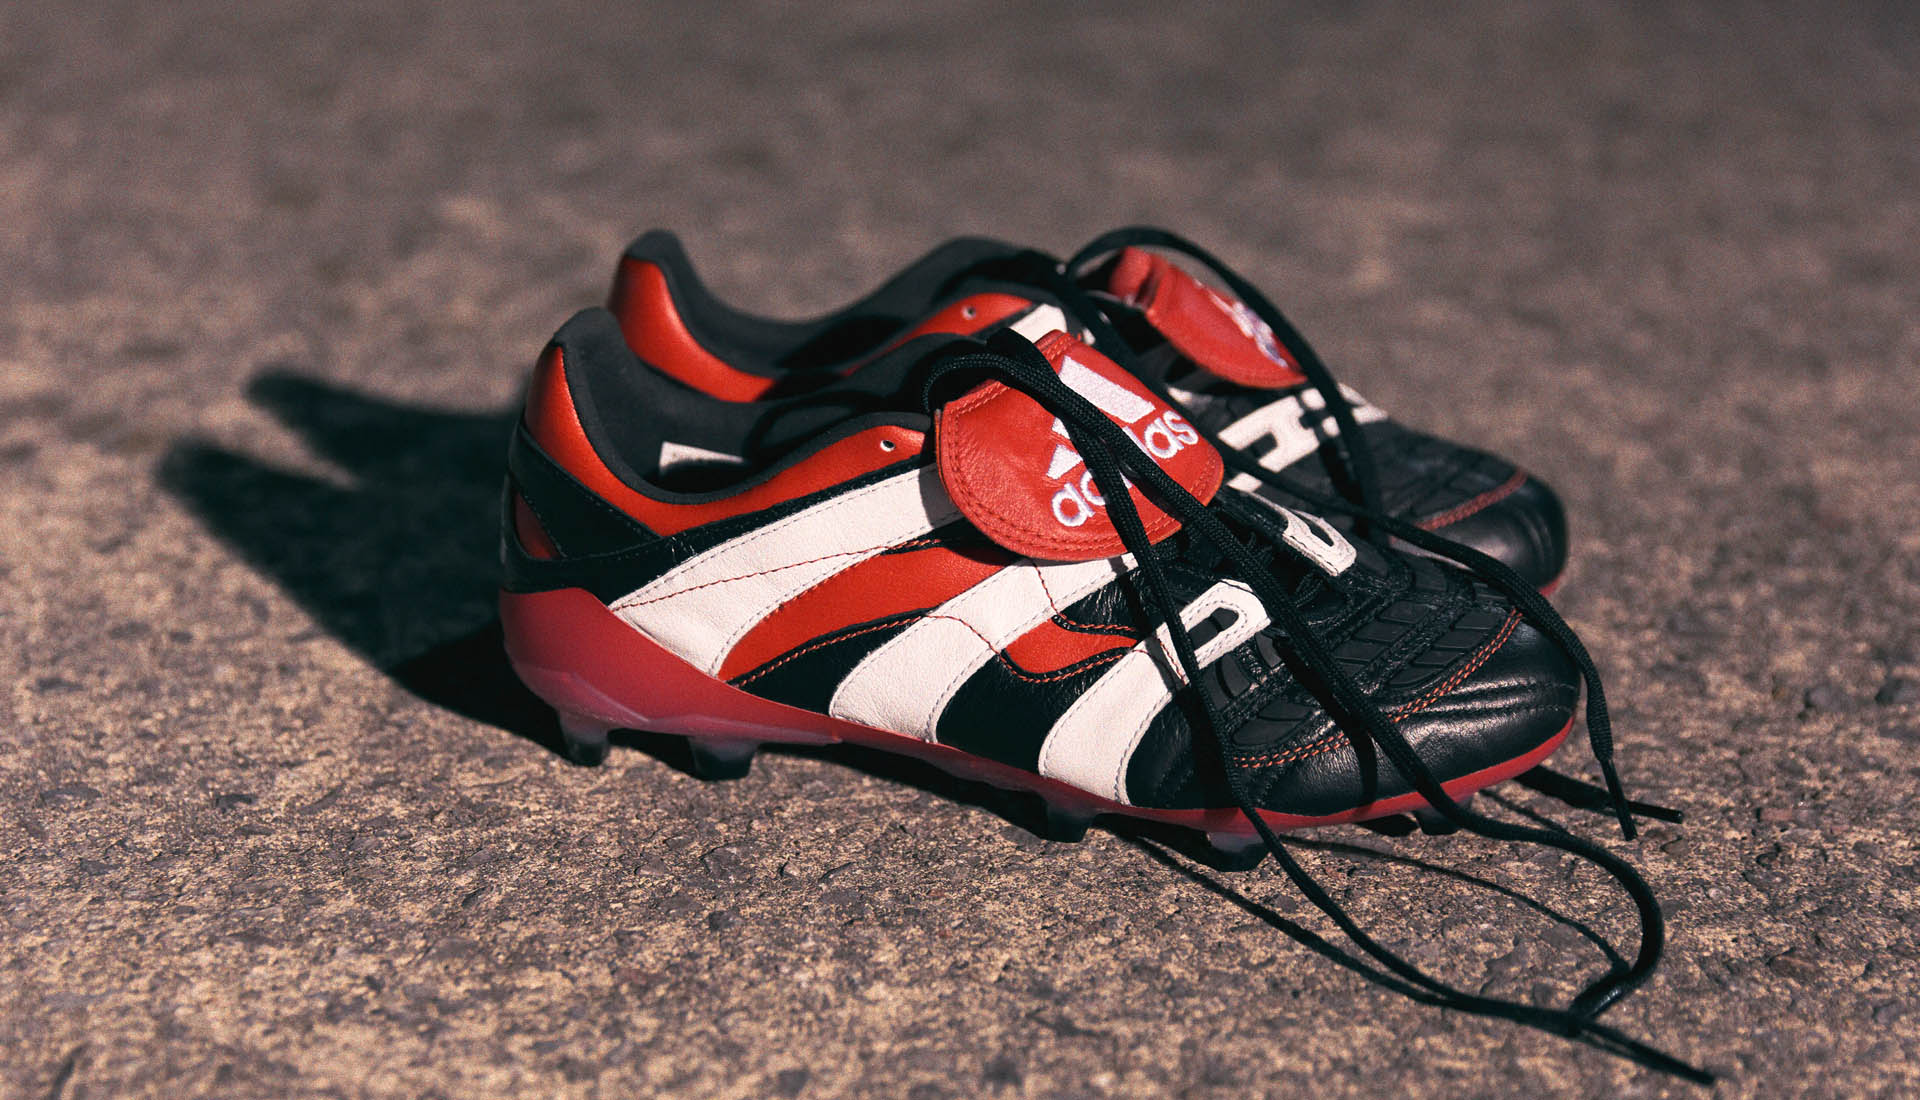 c96e5a67db5b adidas Reissue the 1998 Predator Accelerator